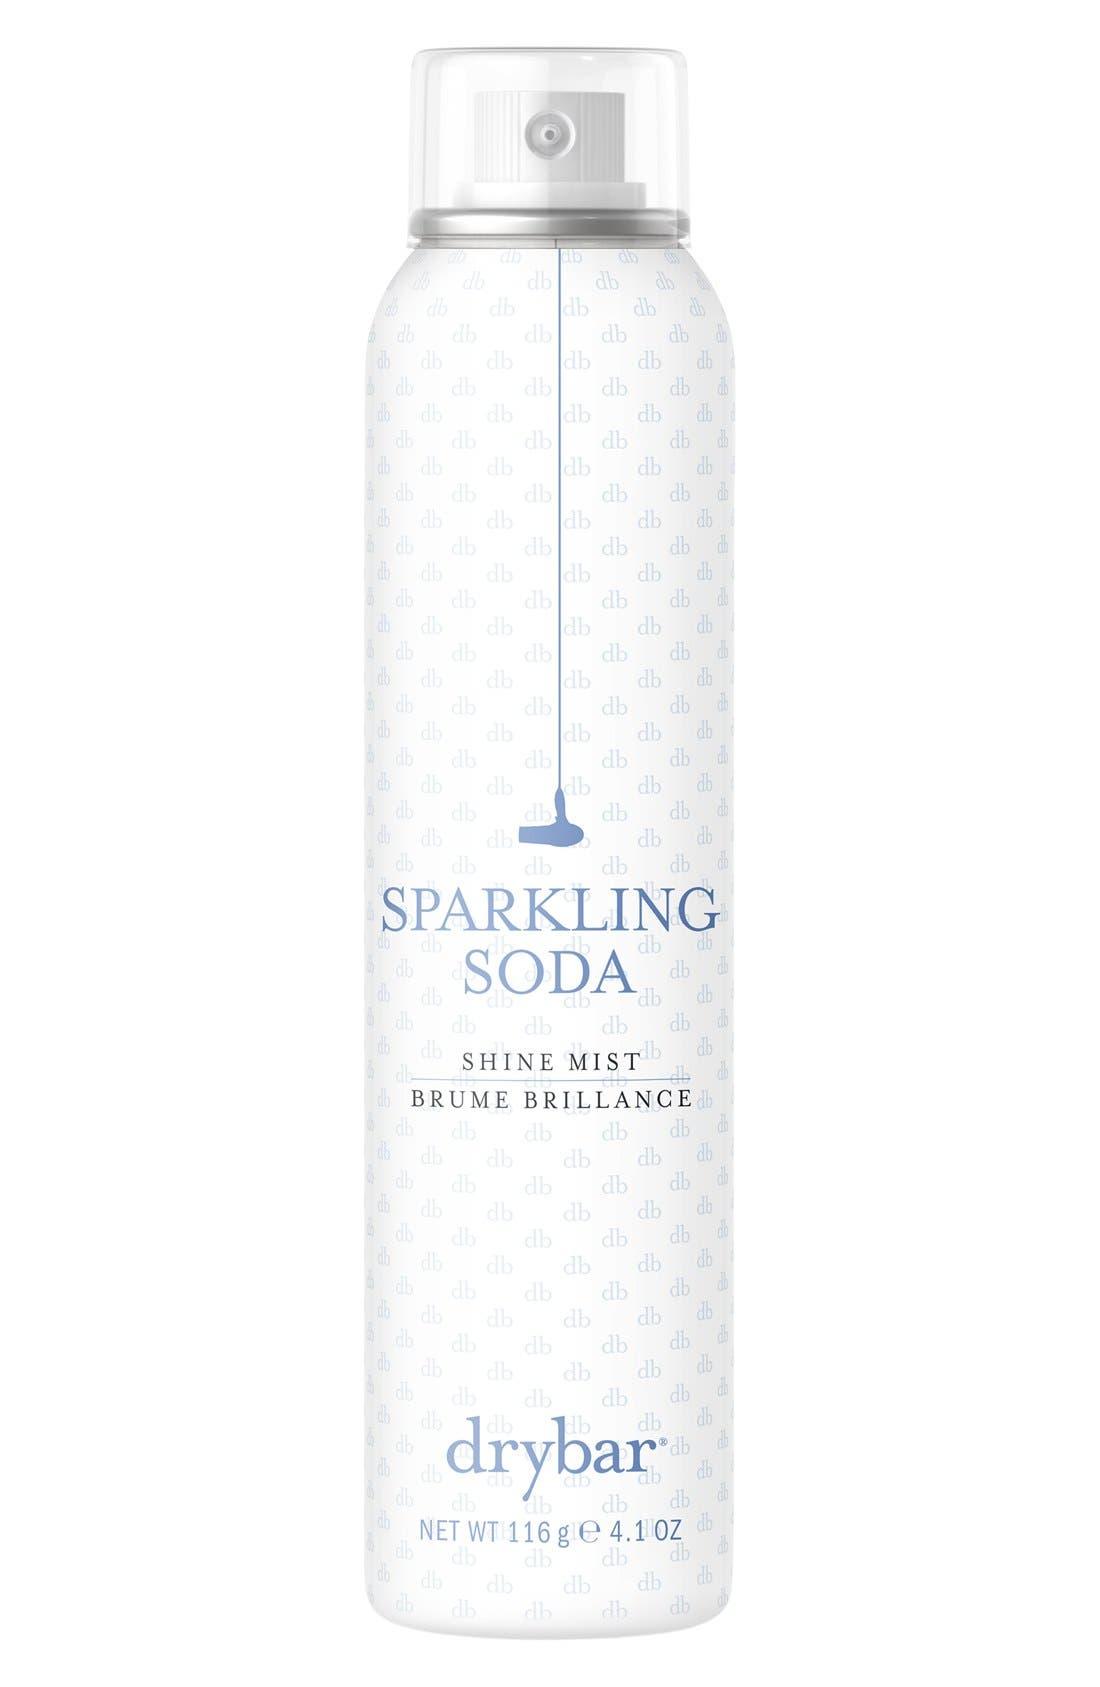 Sparkling Soda Shine Mist